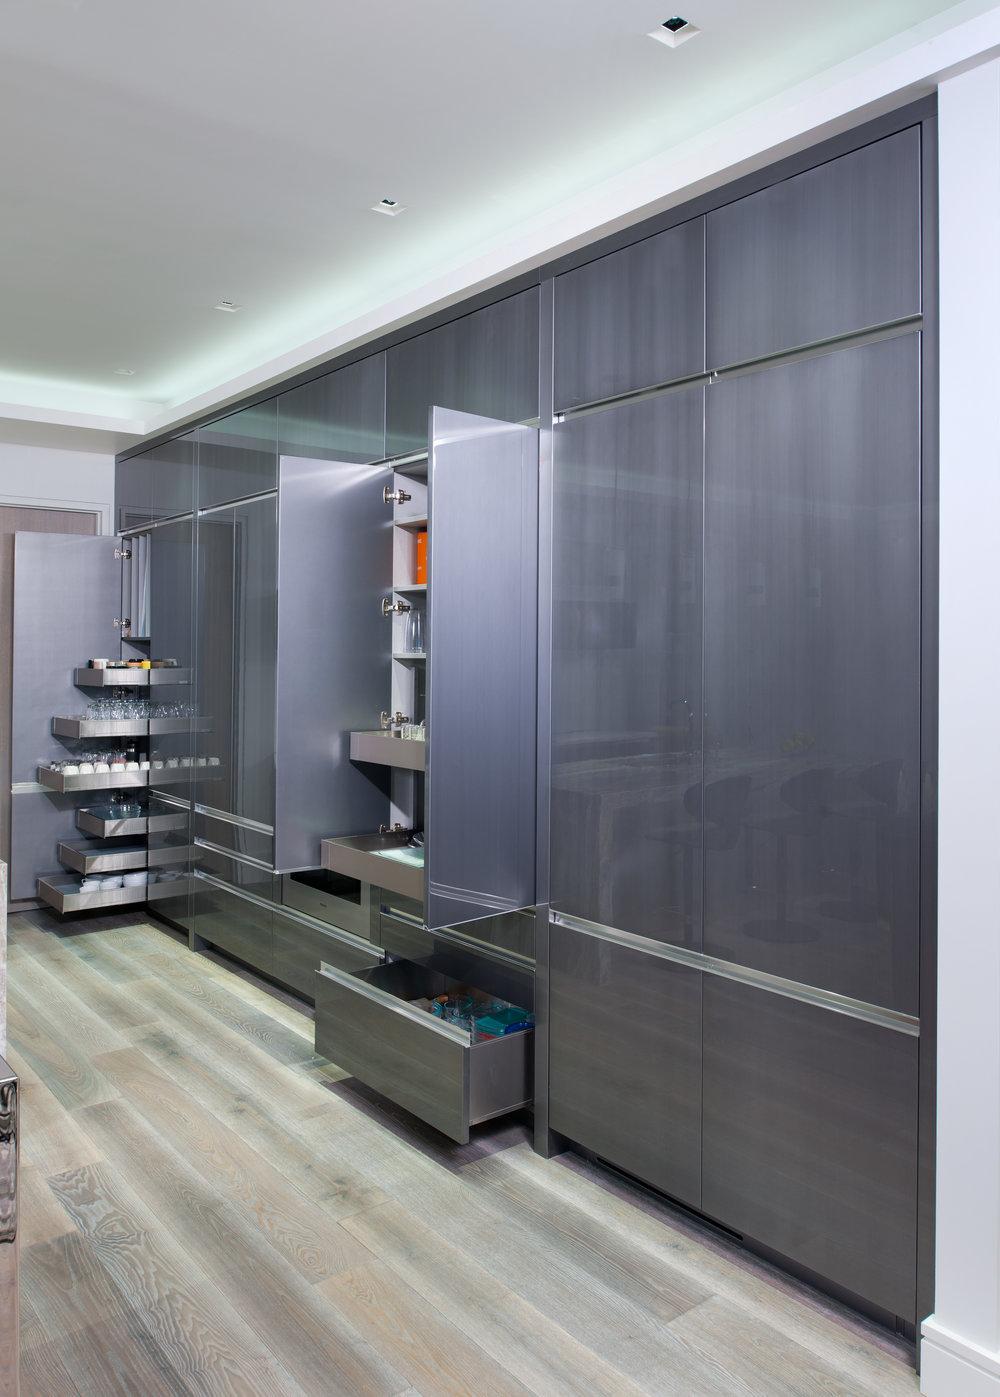 kitchen_bath_concepts_Kitchen_10344b.jpg